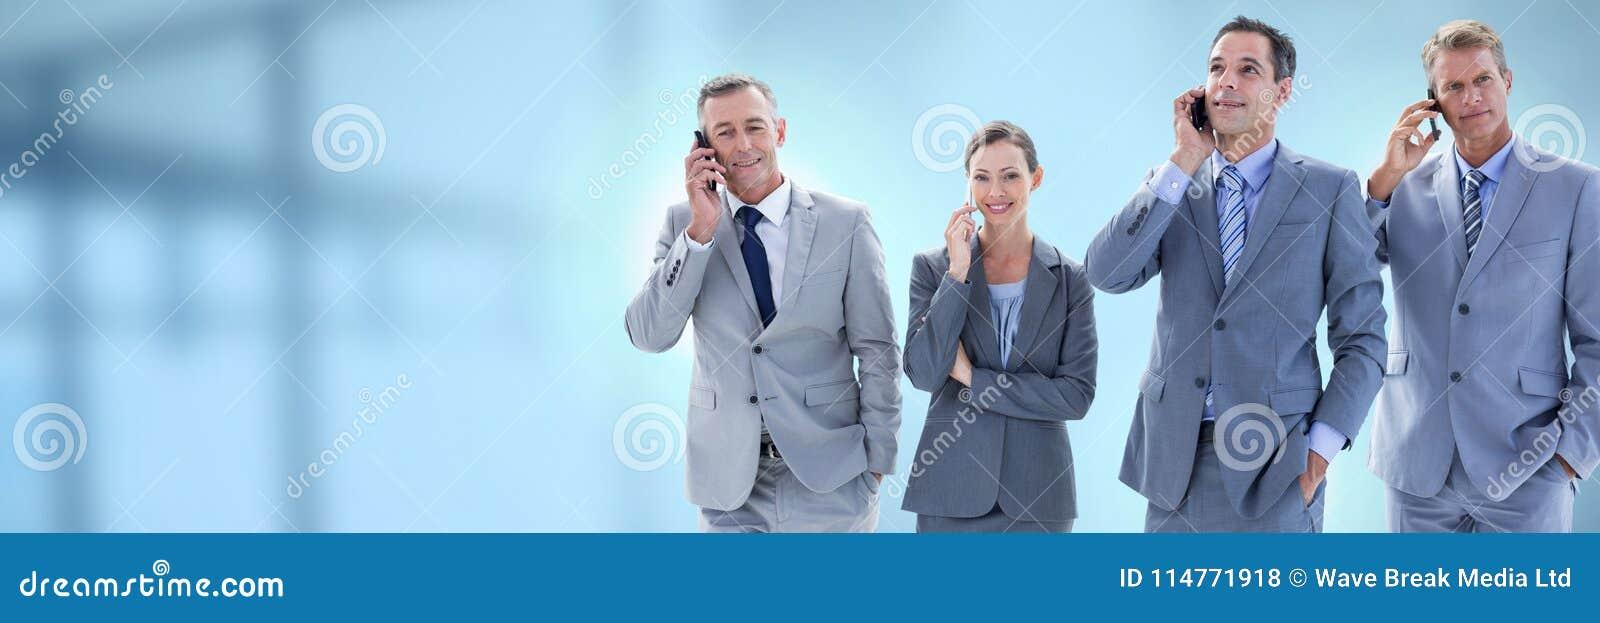 Bedrijfsmensen en bureau met gloed lichtbron